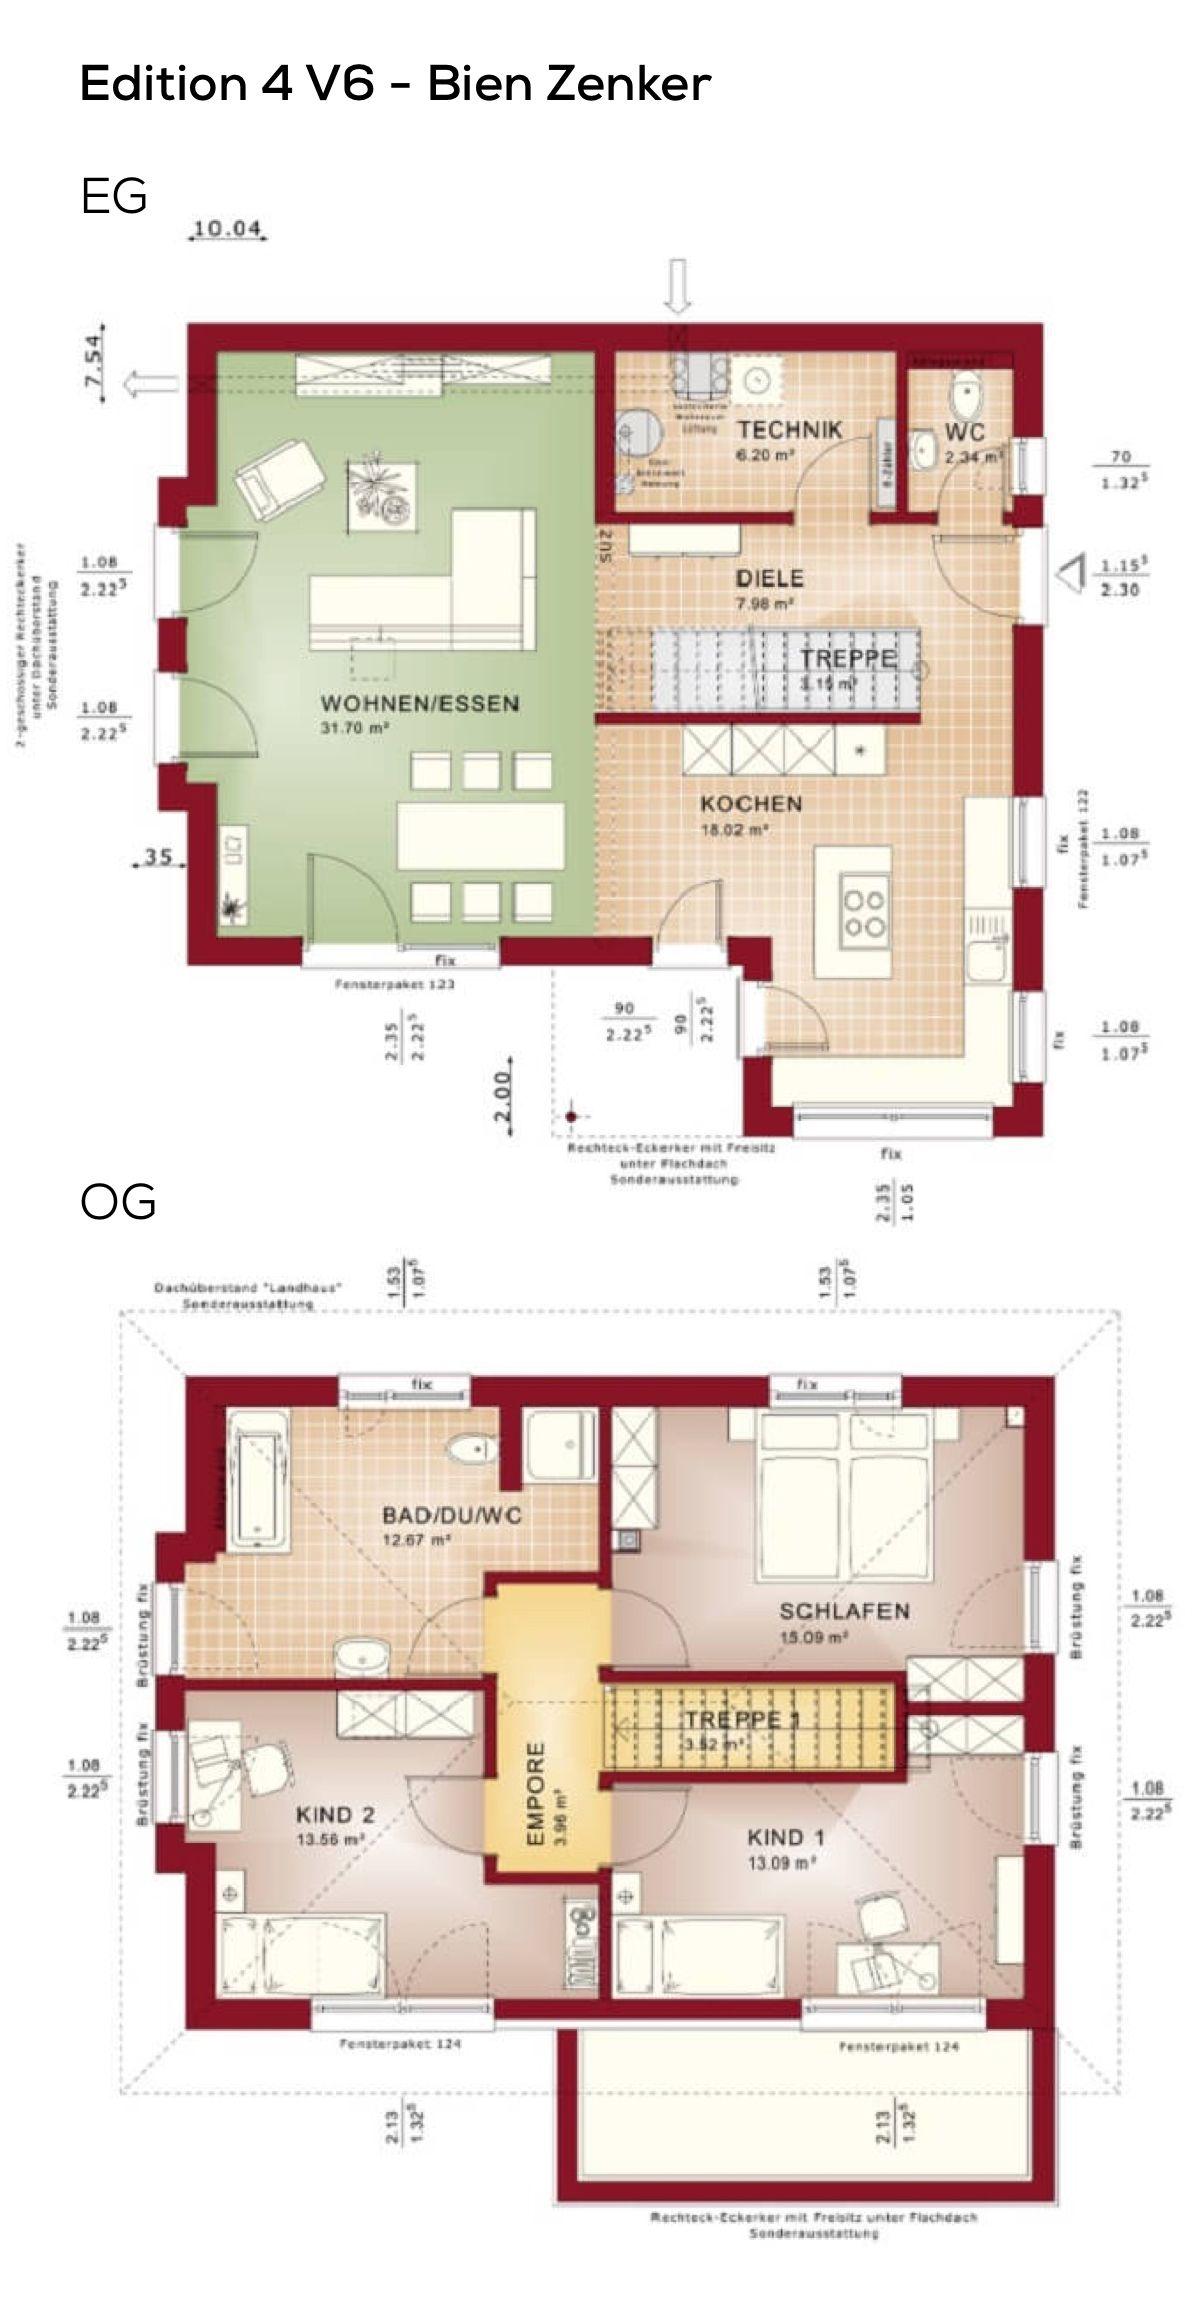 Grundriss Einfamilienhaus Stadtvilla modern mit Walmdach Architektur ...